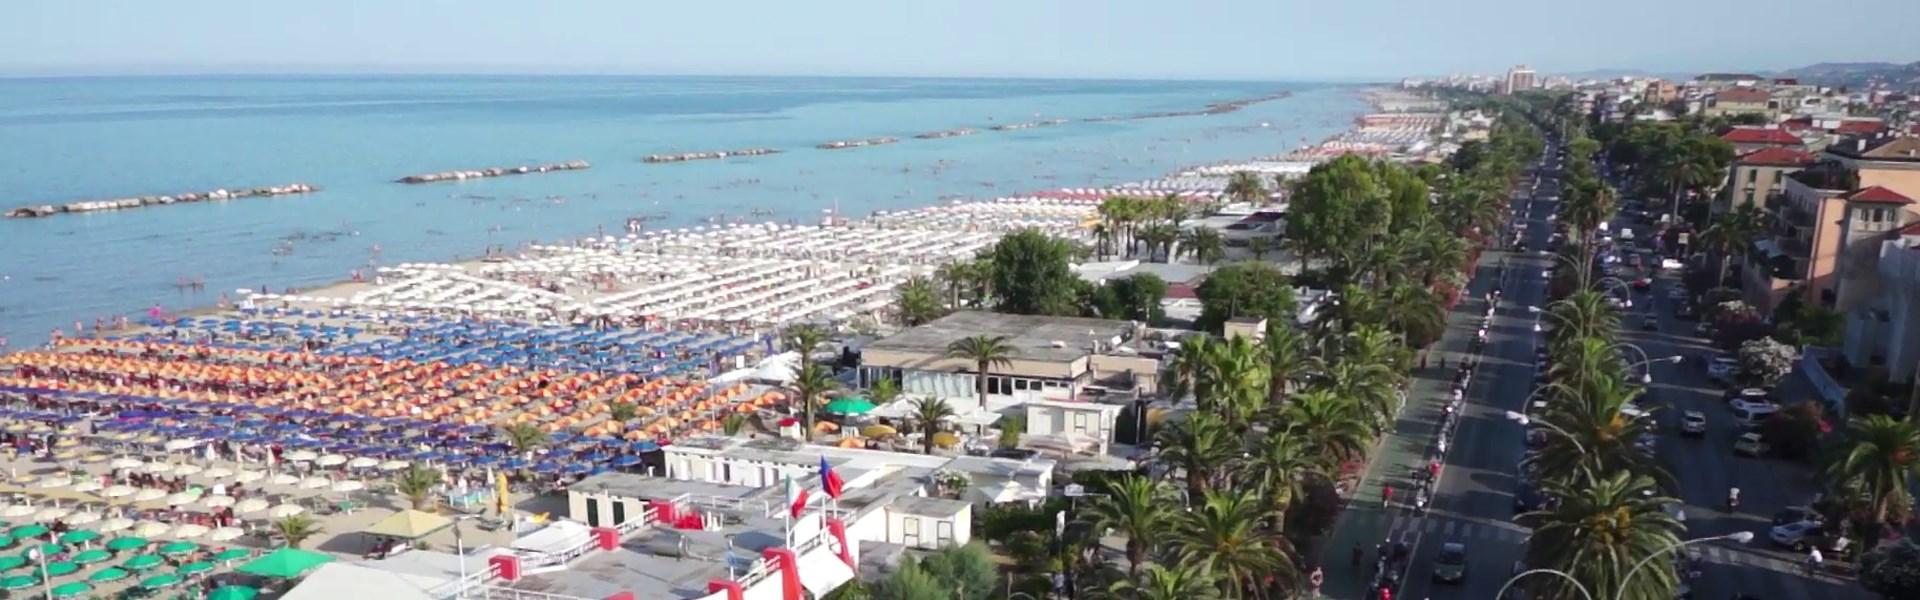 Attrazioni San Benedetto Del Tronto Spiagge